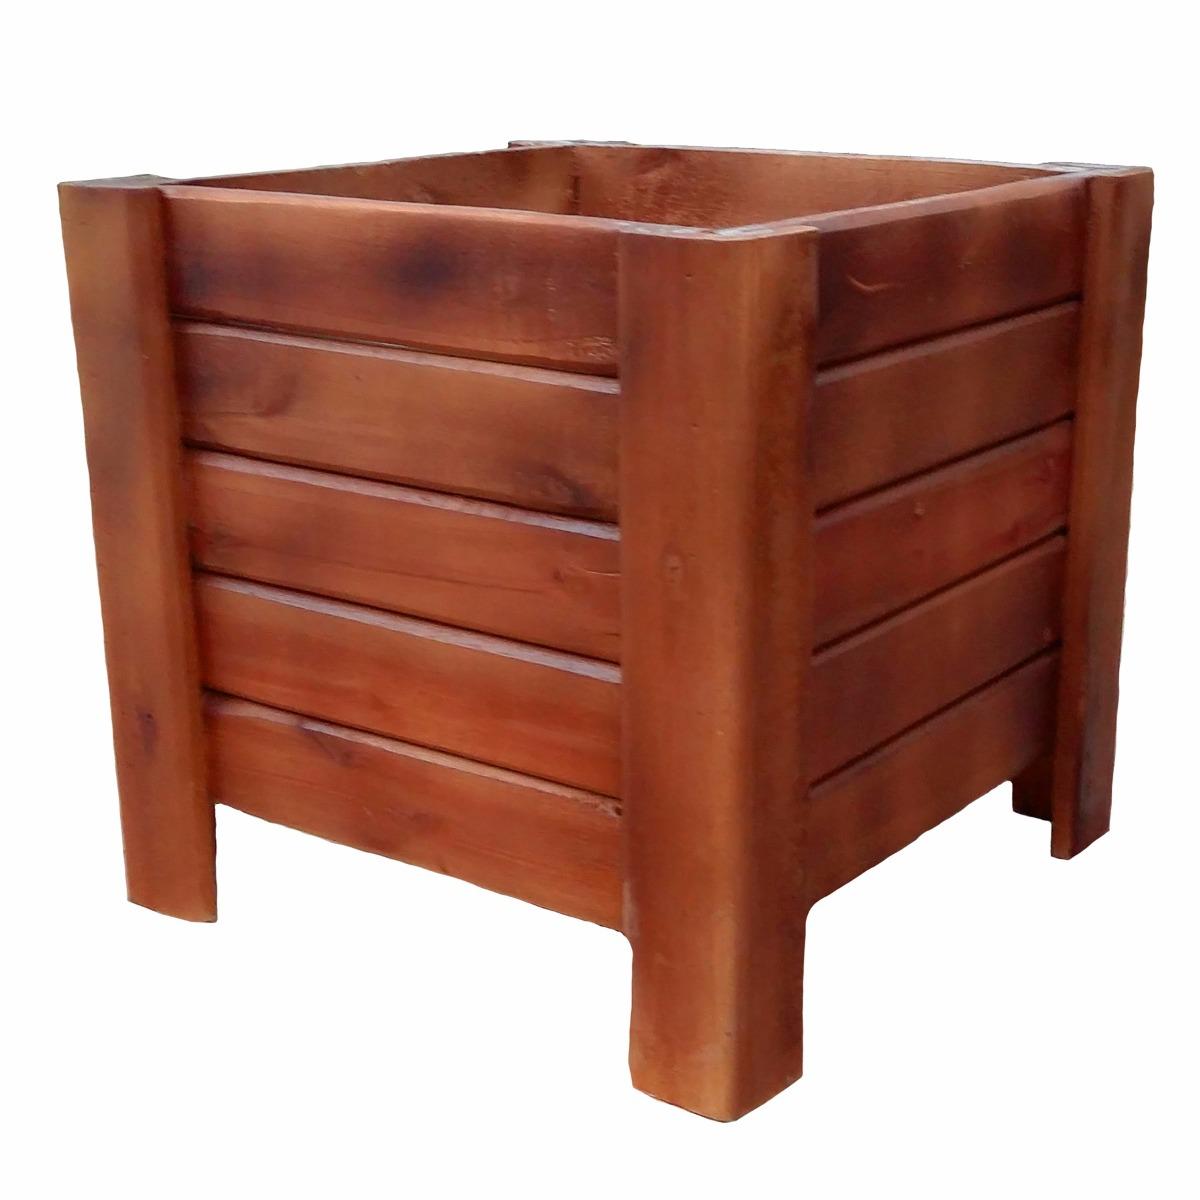 Cachepo De Madeira Grande 40x40 Para Plantas/caixa/vaso R$ 89 00 em  #46140C 1200x1200